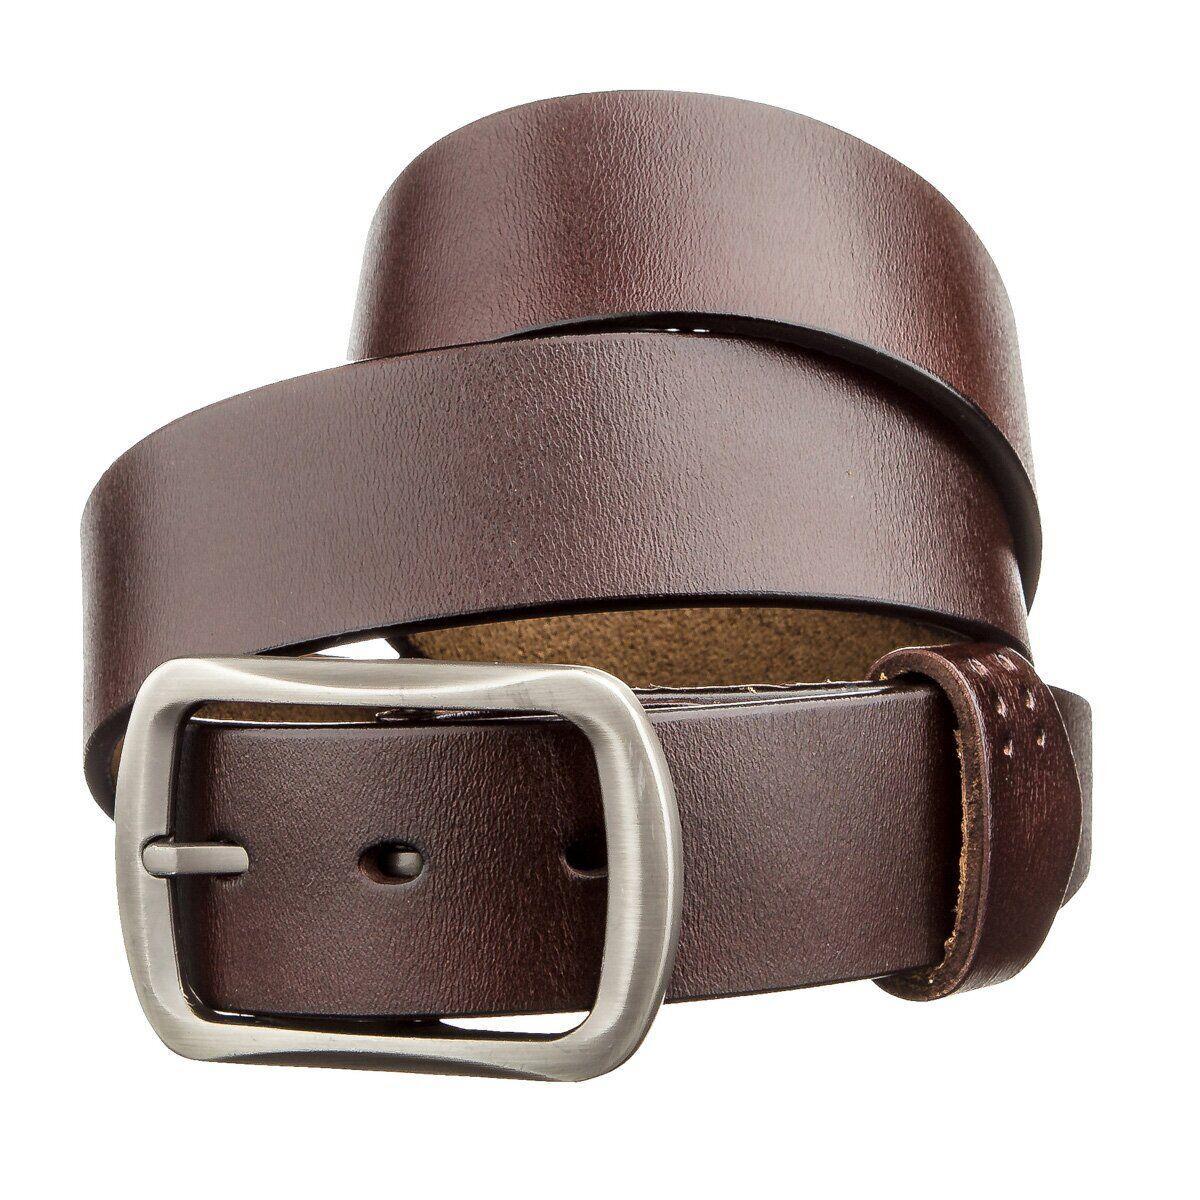 Мужской кожаный ремень с закругленной классической пряжкой Vintage 20230 Коричневый